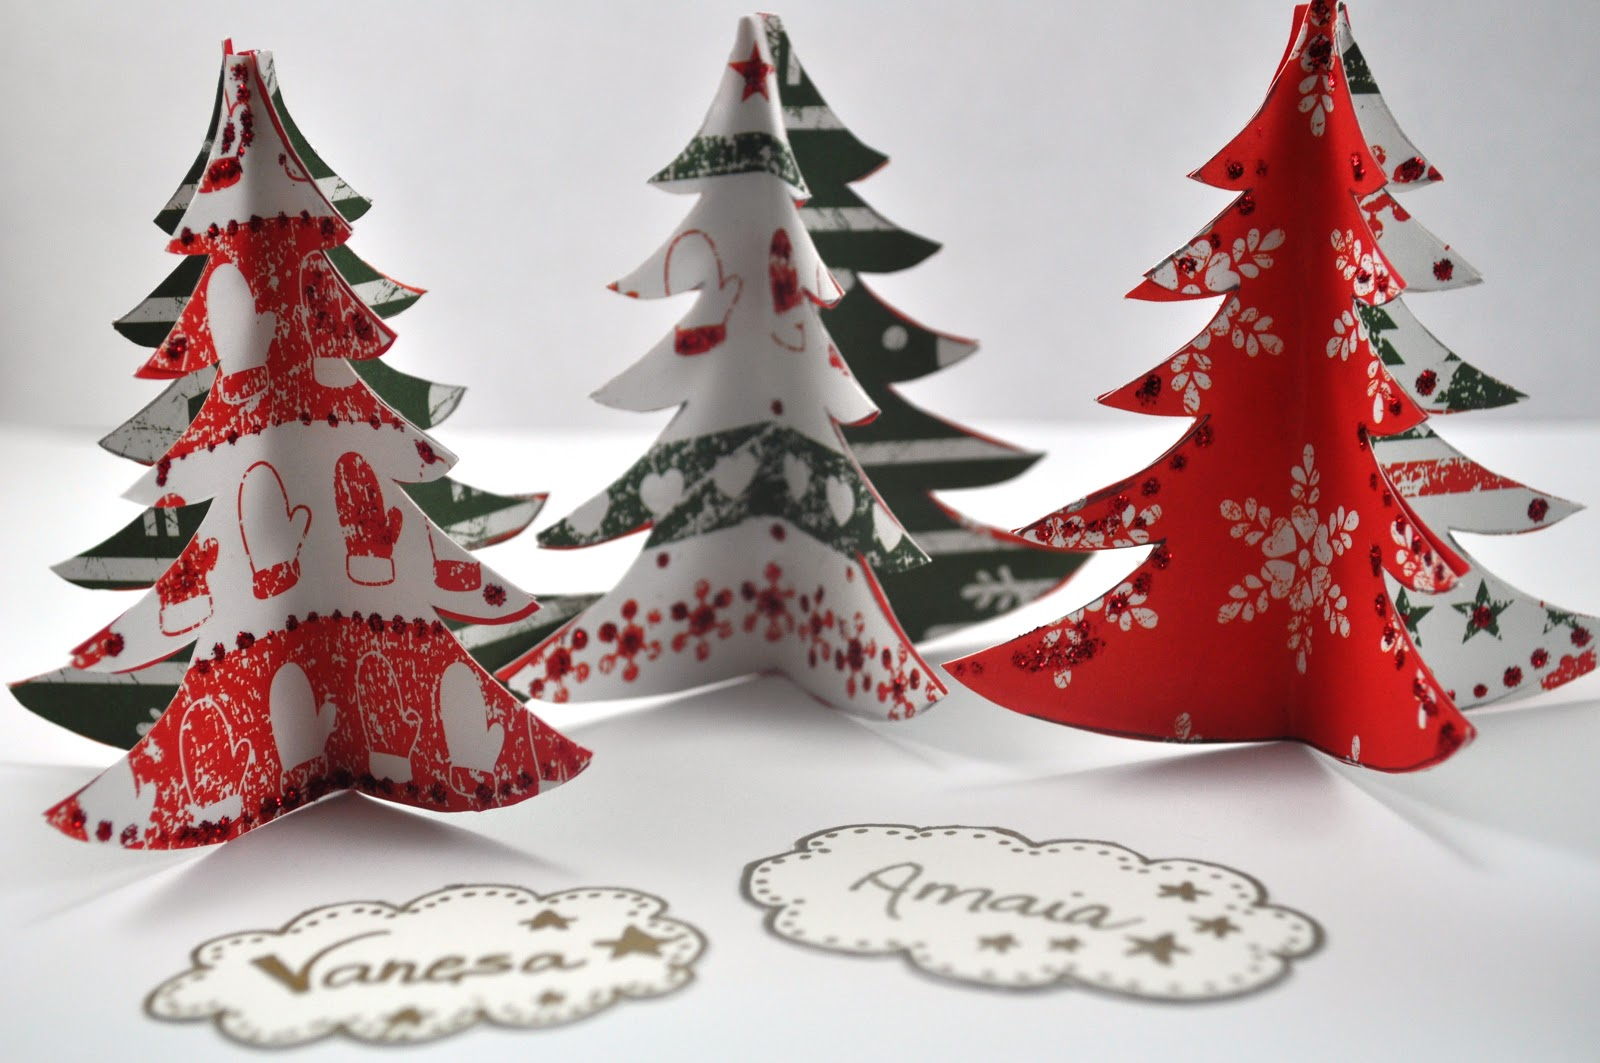 Trucos para decorar en navidad sin gastar mucho dinero for Gnomos navidenos